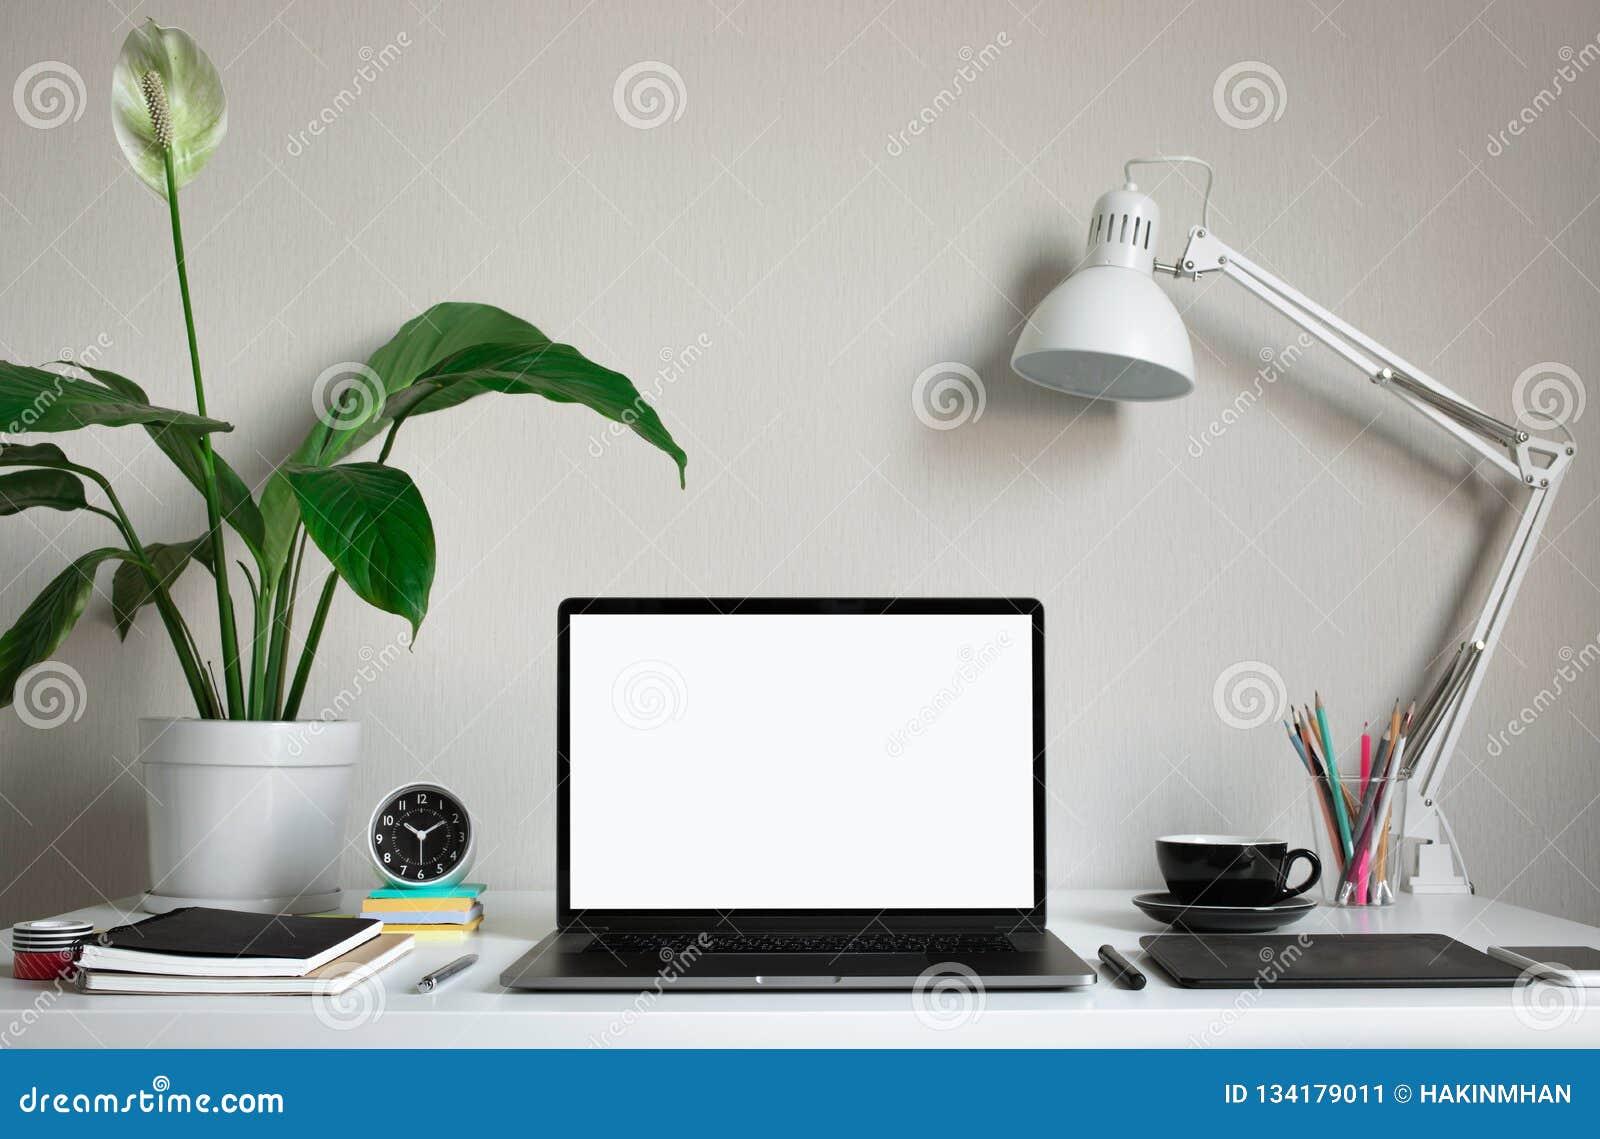 与空白的计算机膝上型计算机和辅助部件的现代工作表在家庭办公室演播室 自由职业者的设计师或博客作者概念想法